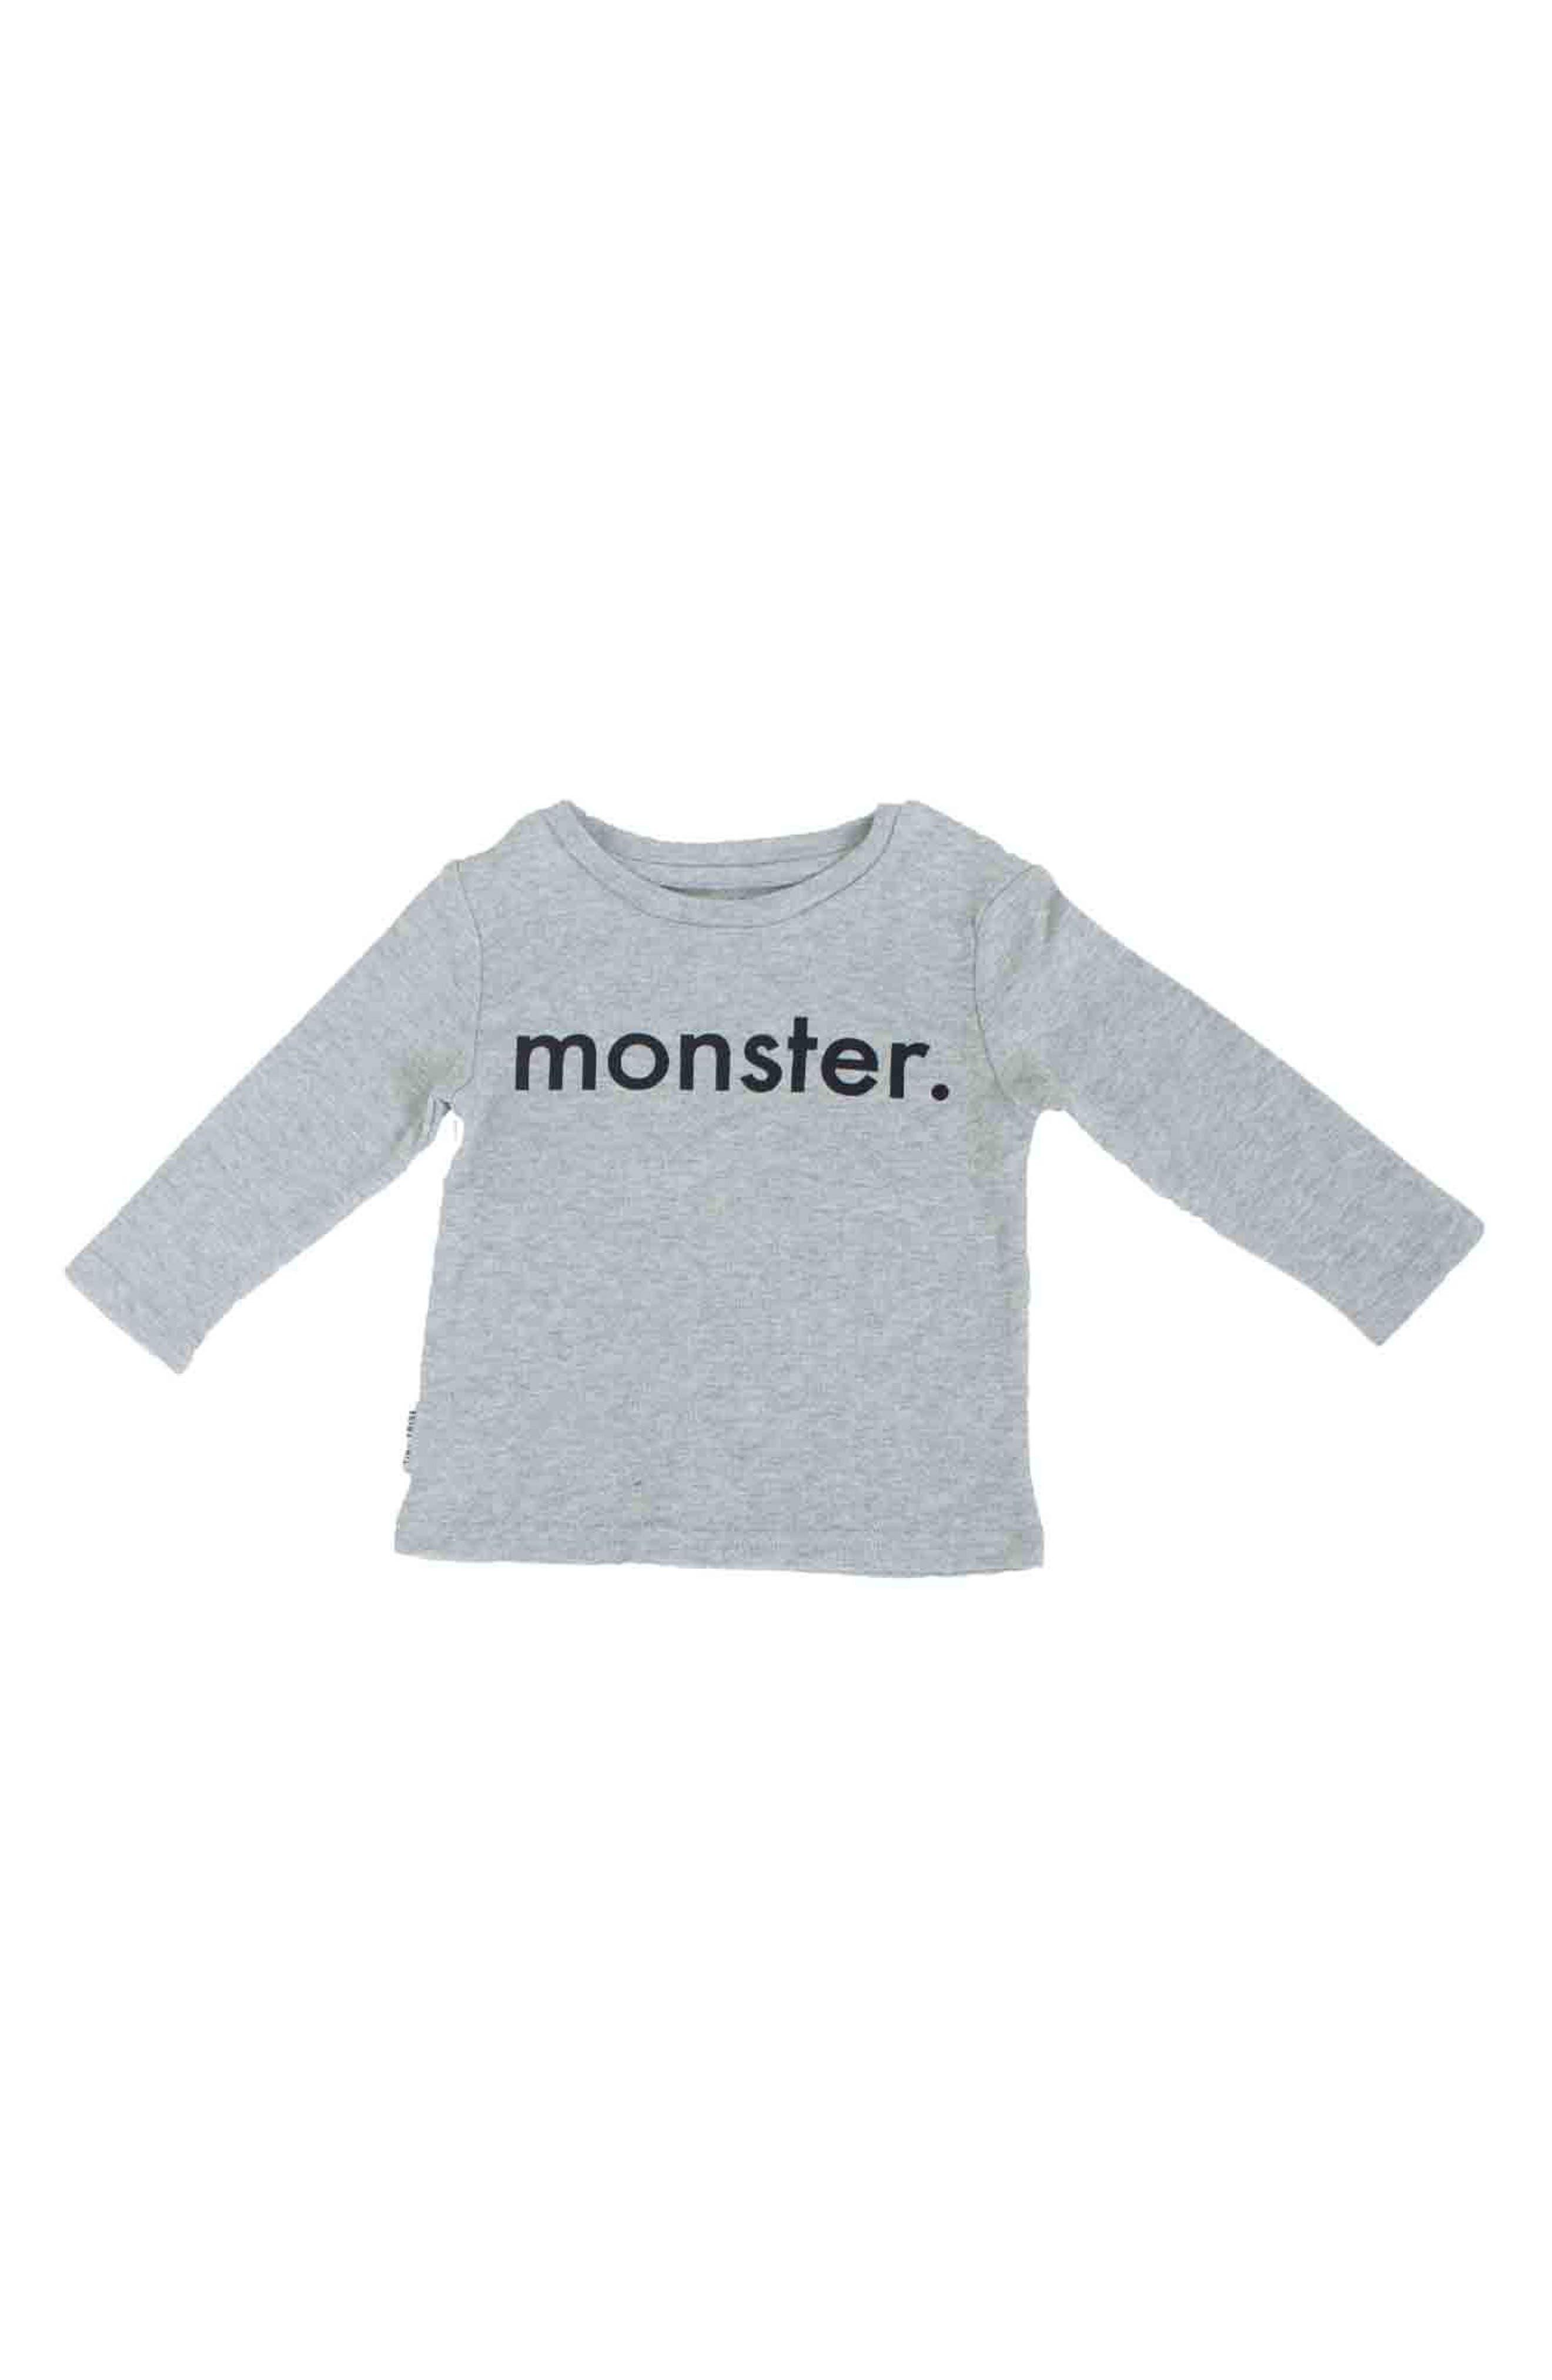 Alternate Image 2  - Tiny Tribe Monster T-Shirt & Leggings Set (Baby & Toddler)